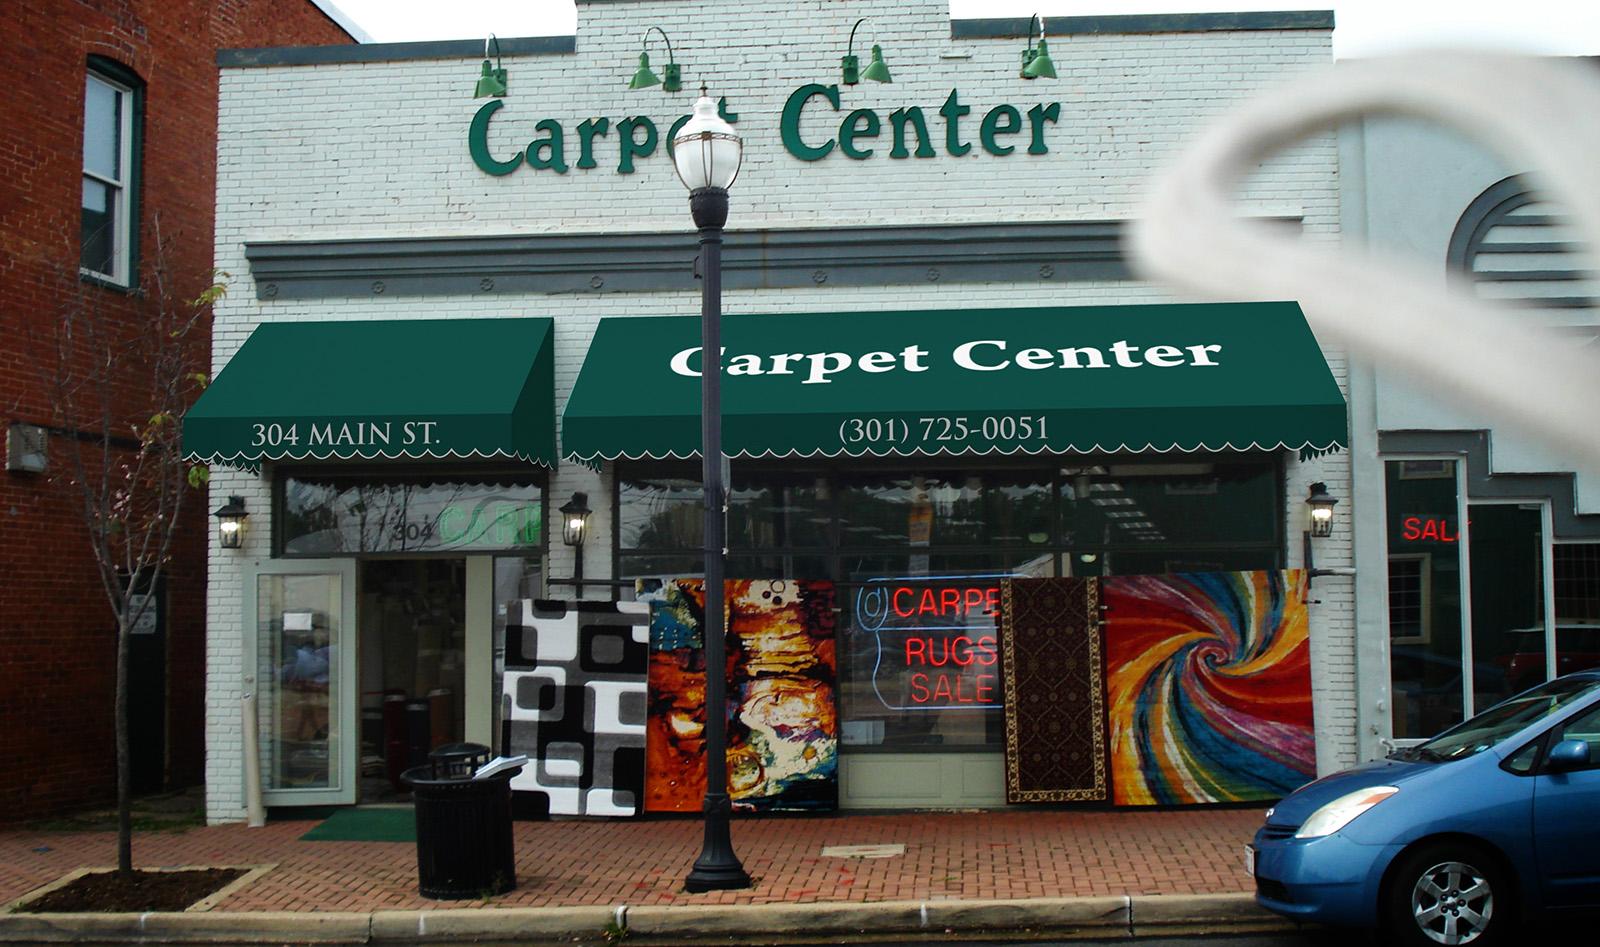 Carpet Center Rendering